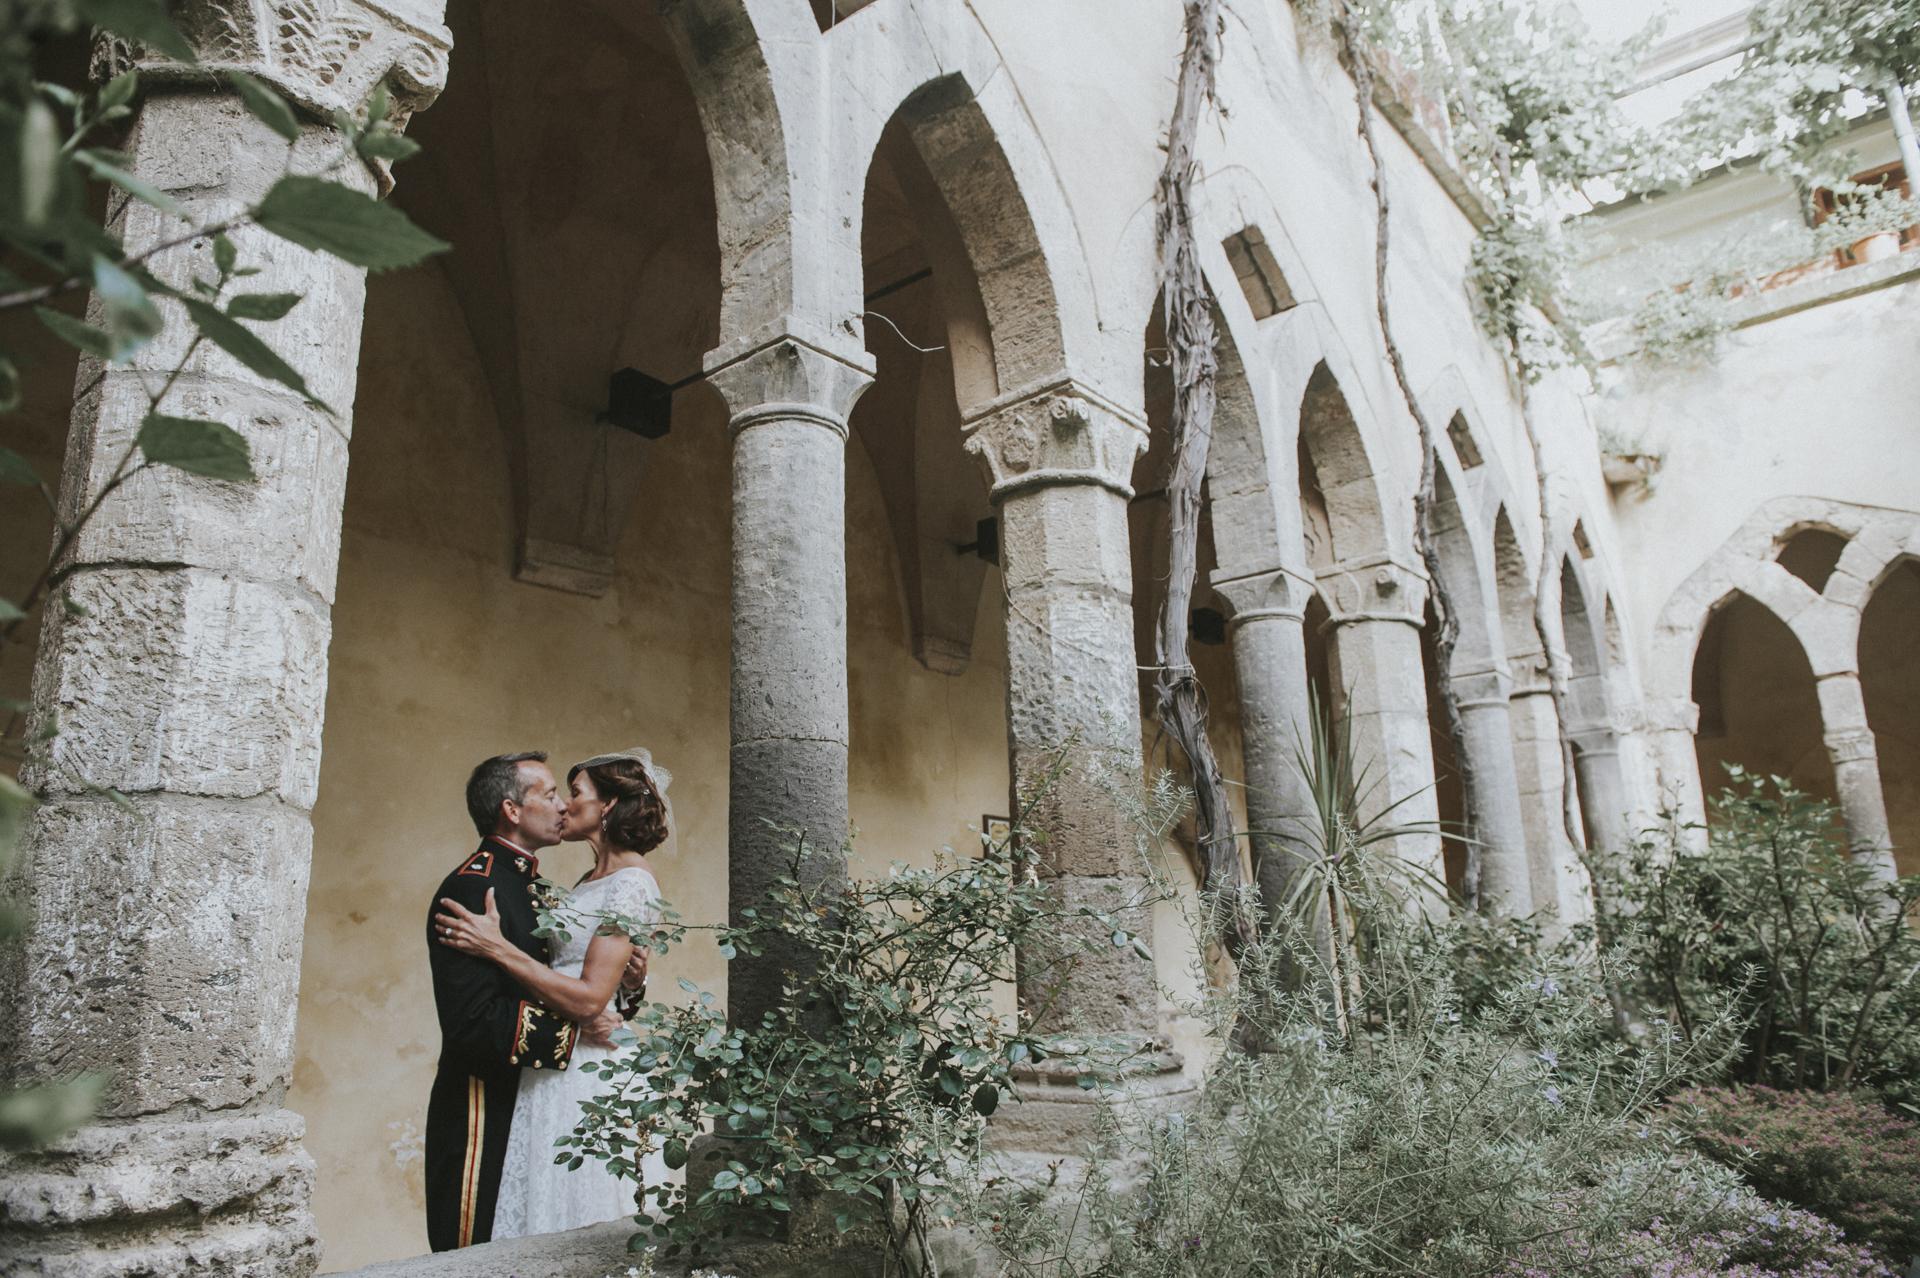 El claustro de San Francesco es uno de los lugares más sorprendentes donde planificar una ceremonia civil o una sesión de fotos de fuga - Chiostro di San Francesco, Sorrento, Costa de Amalfi, Italia